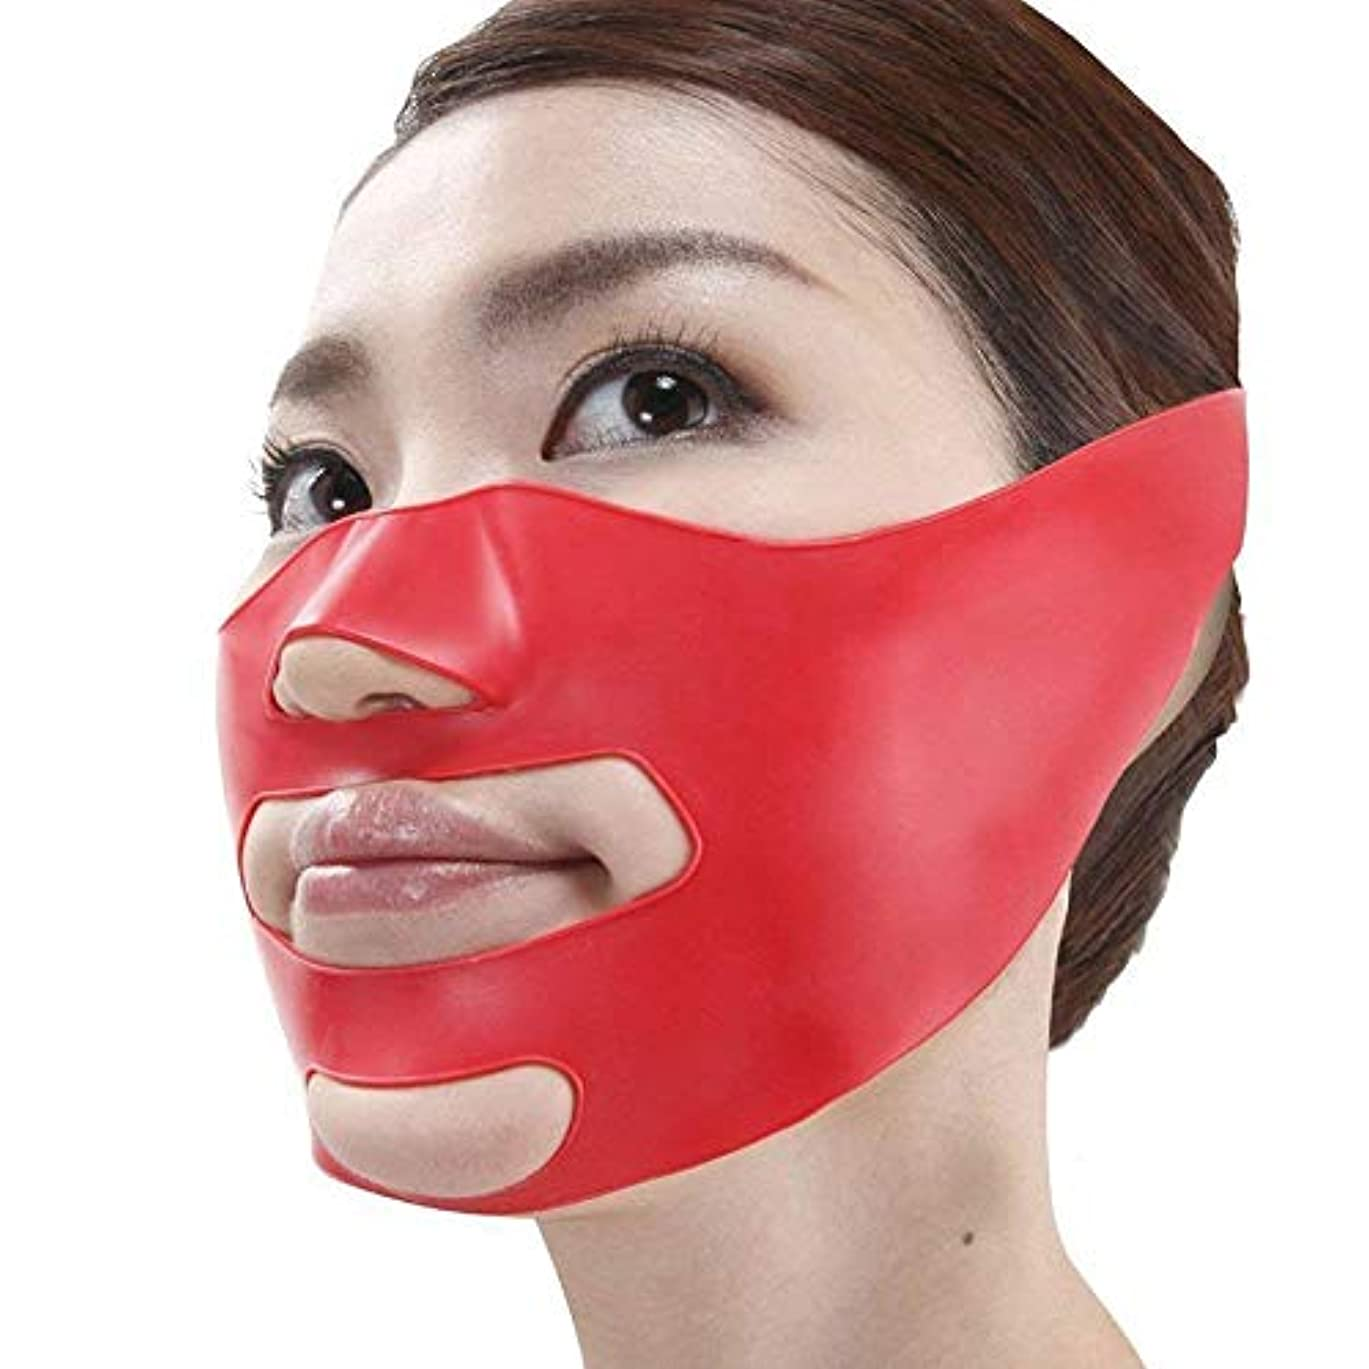 おかしい見込みインド小顔矯正 マスク 小顔補正ベルト ほうれい線 リフトスリムマスク 3Dエクササイズマスク 法令線予防 抗シワ サウナマスク 美容グッ (フリーサイズ)